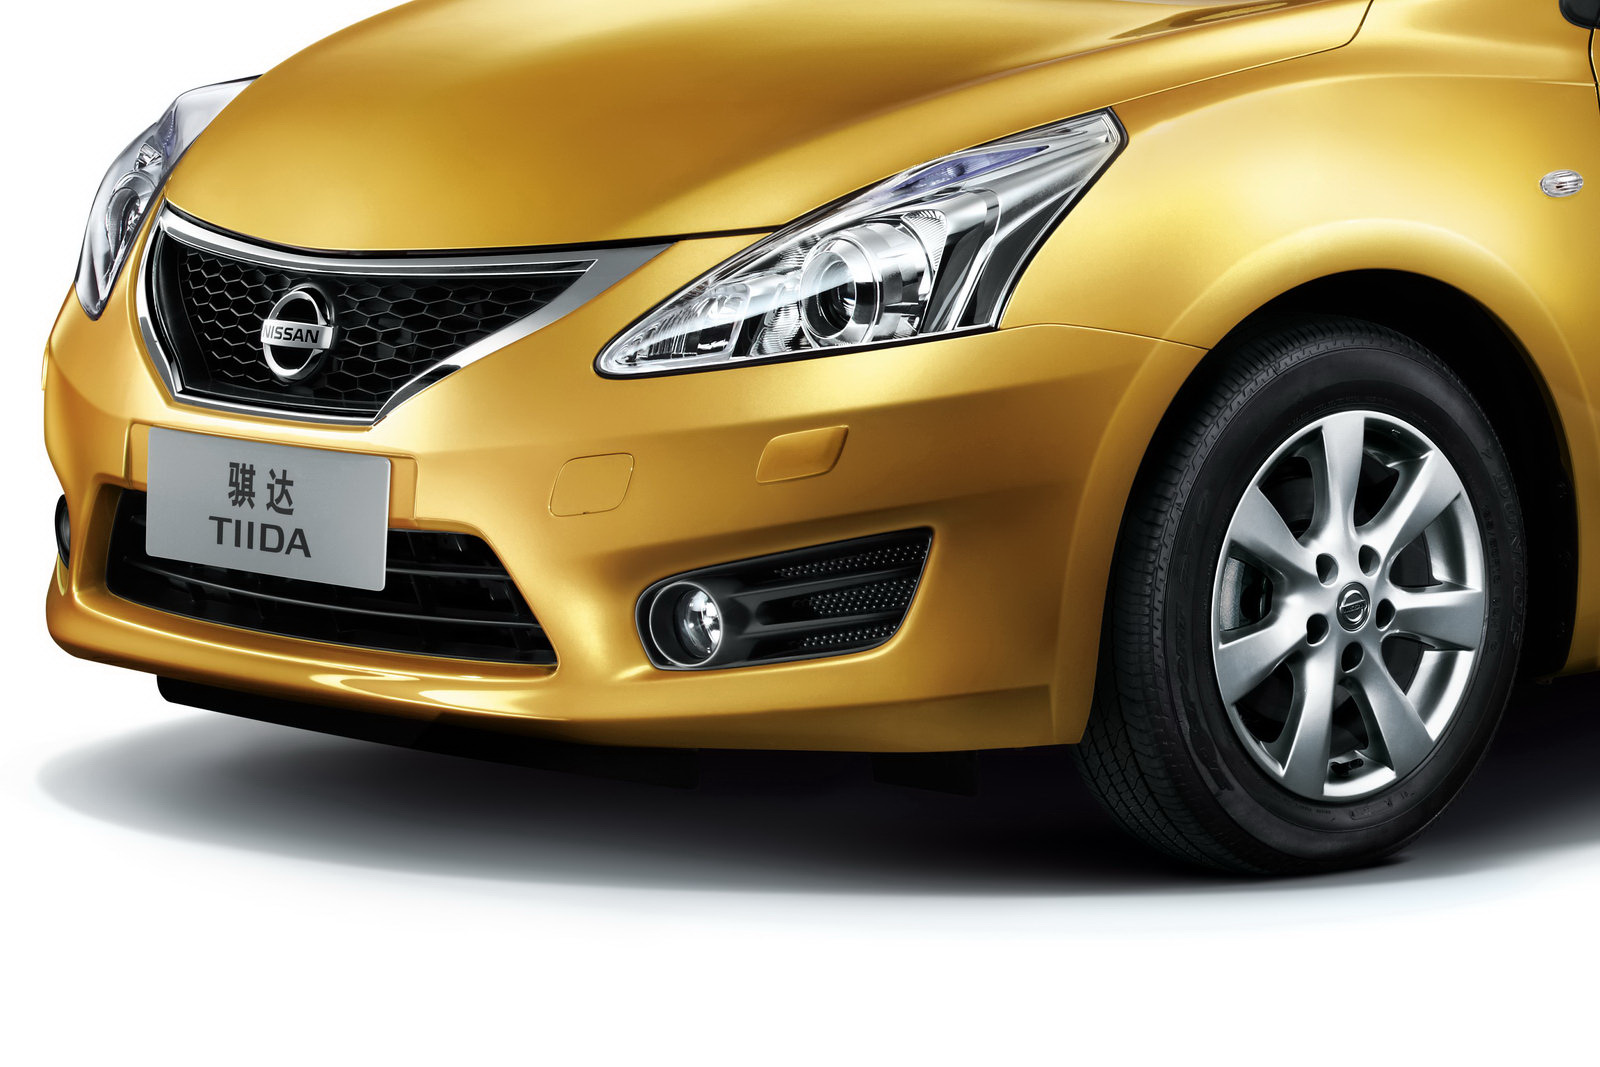 http://4.bp.blogspot.com/-Y6YyWOmxPbA/UMuTMD921sI/AAAAAAAAQJA/KXUvanRombA/s1600/2012-Nissan0Tiida-5d-14.jpg